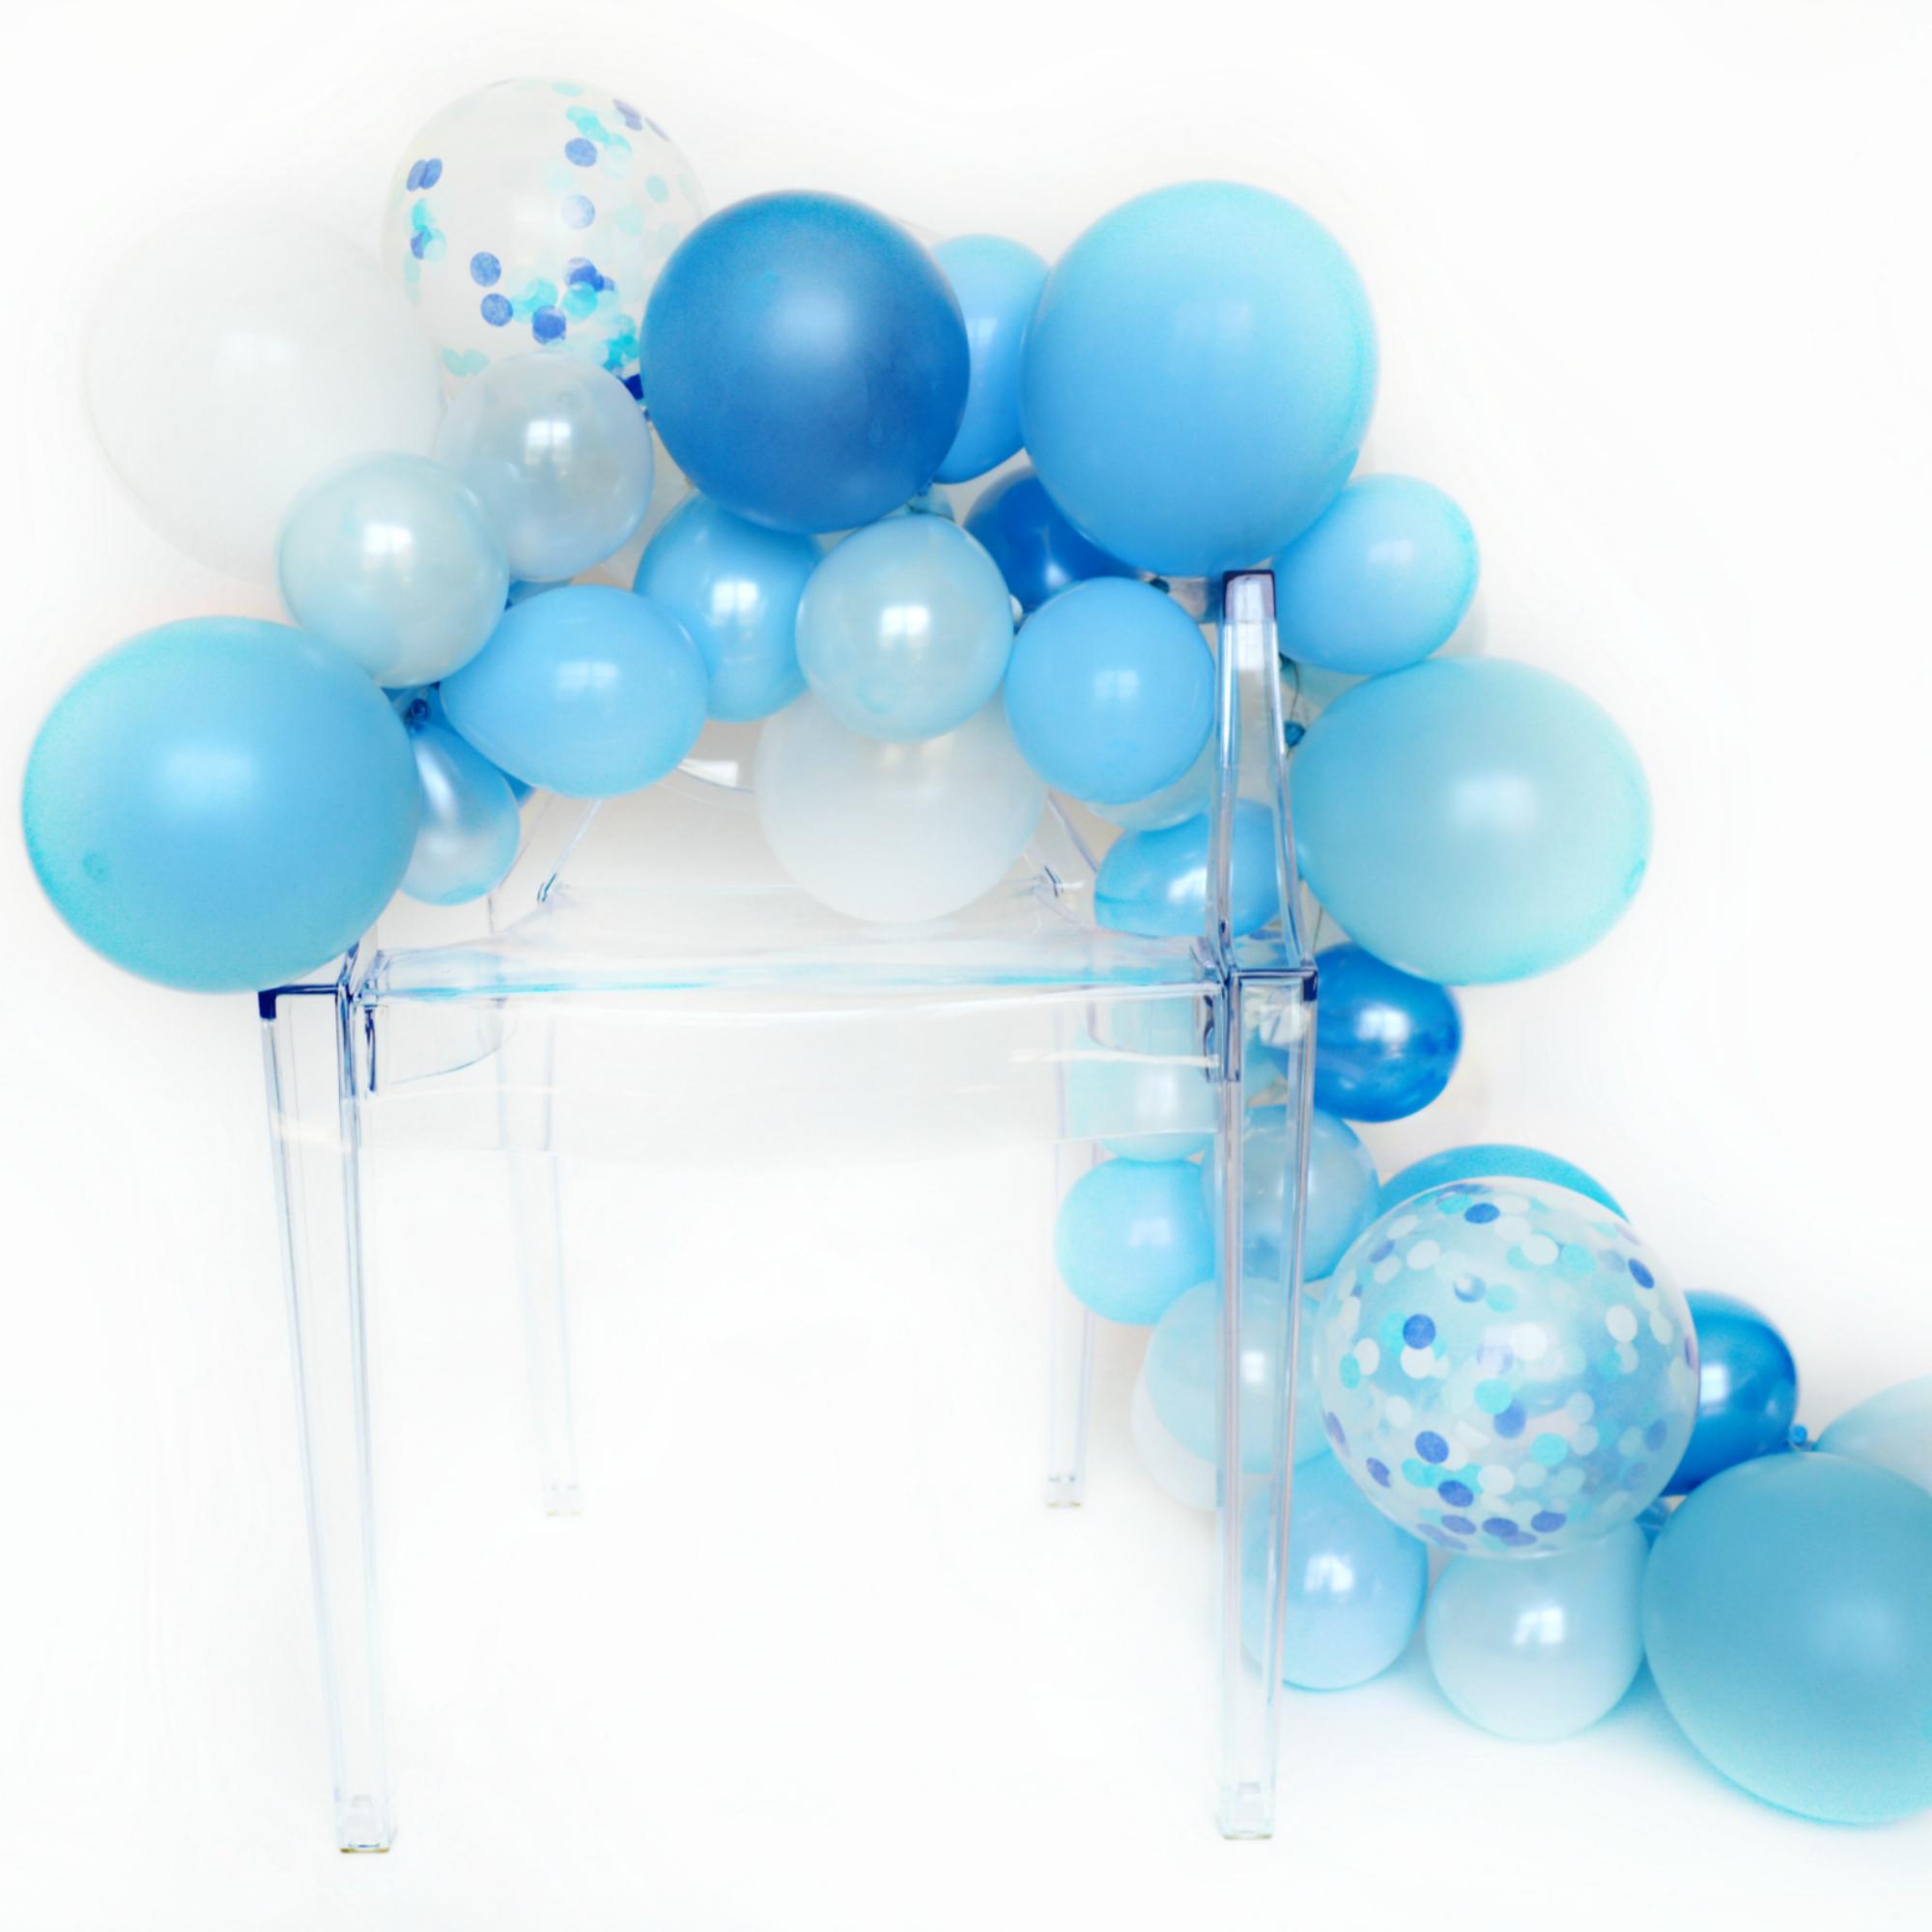 arizer balloon kit instructions